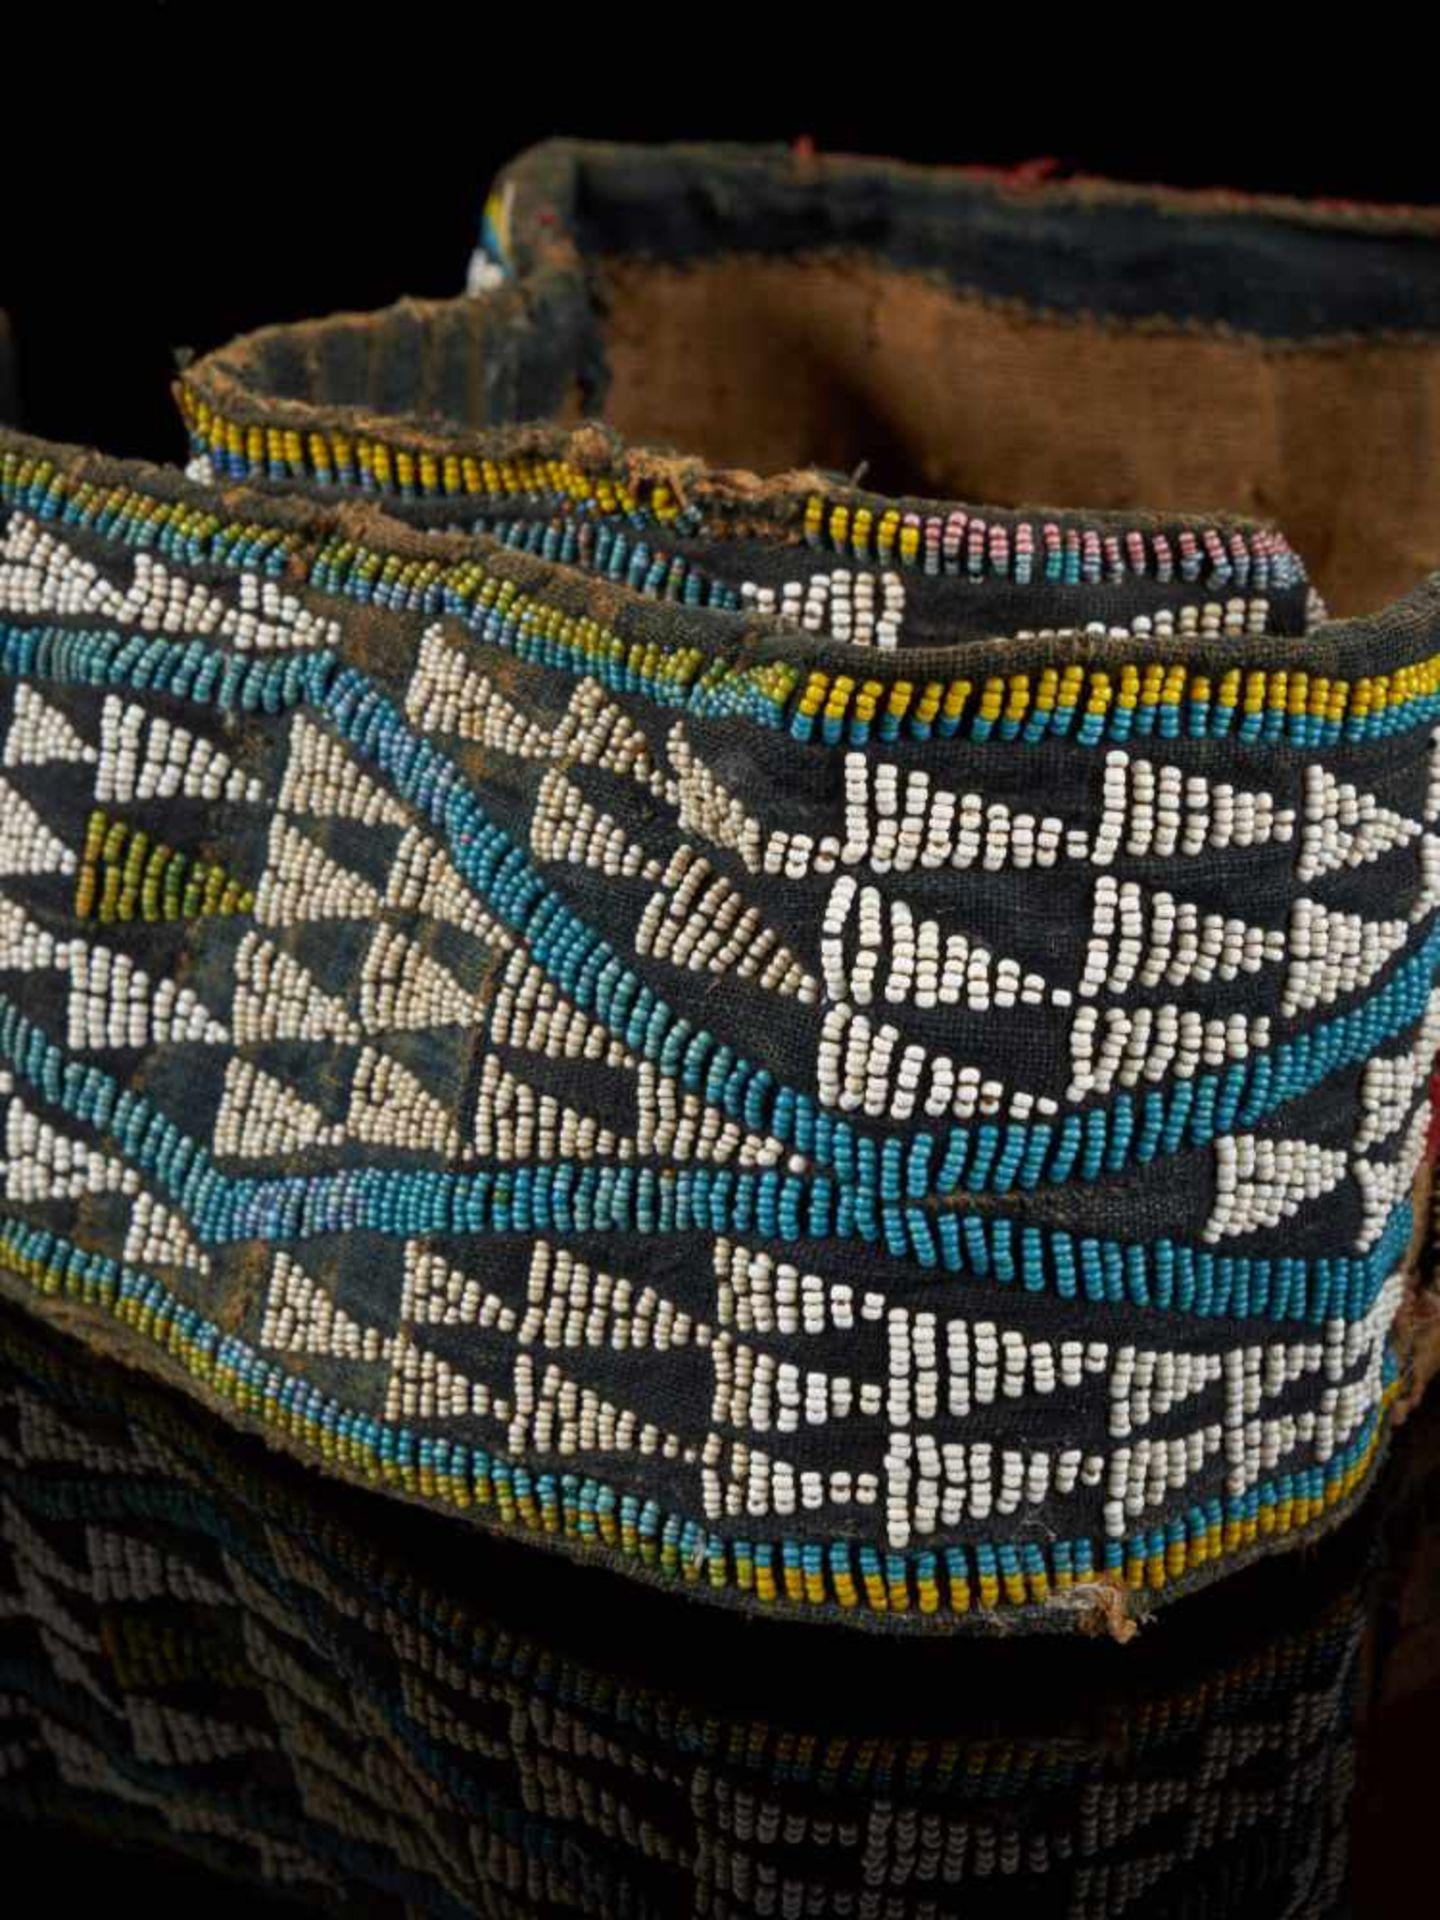 Beaded Double Headed Snake Belt - Tribal ArtThe double headed snake is the symbol of the Bamum - Bild 5 aus 6